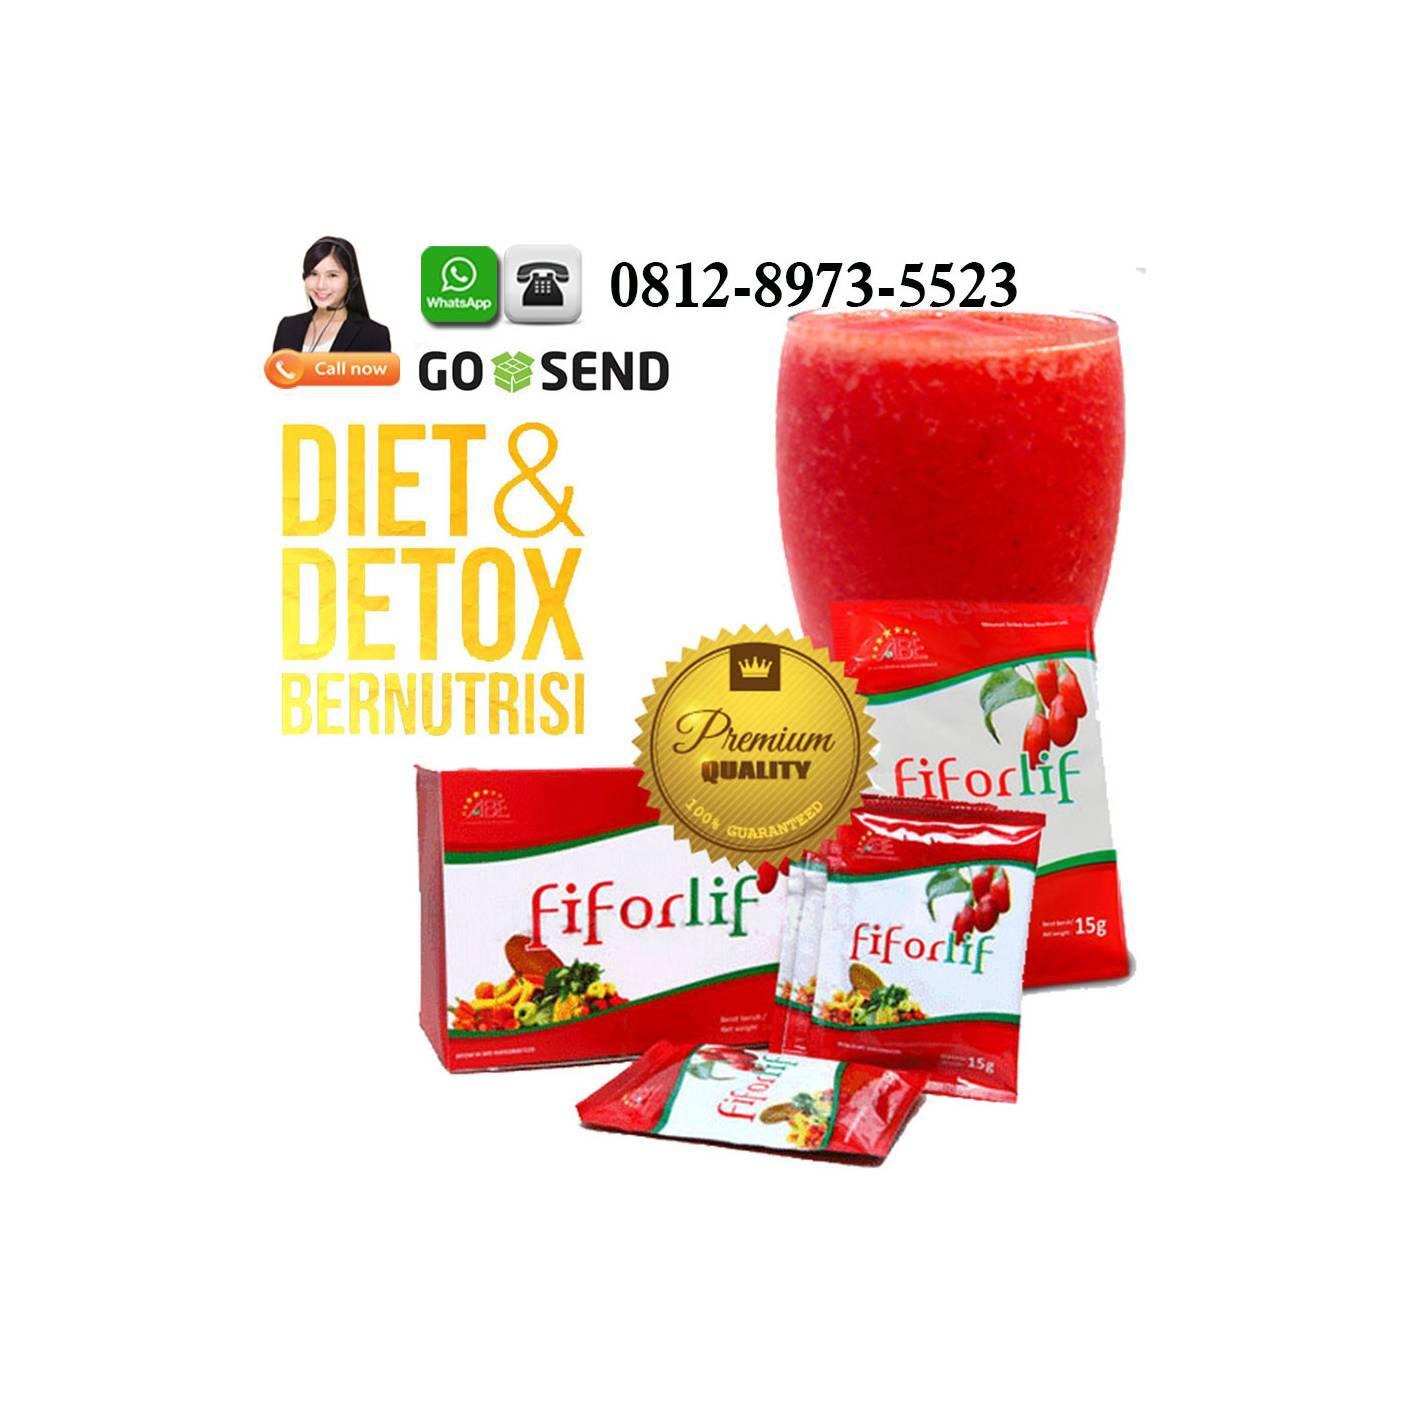 Jual Obat Pelansing Jakarta, Jual Obat Diet Kaskus Fiforlif